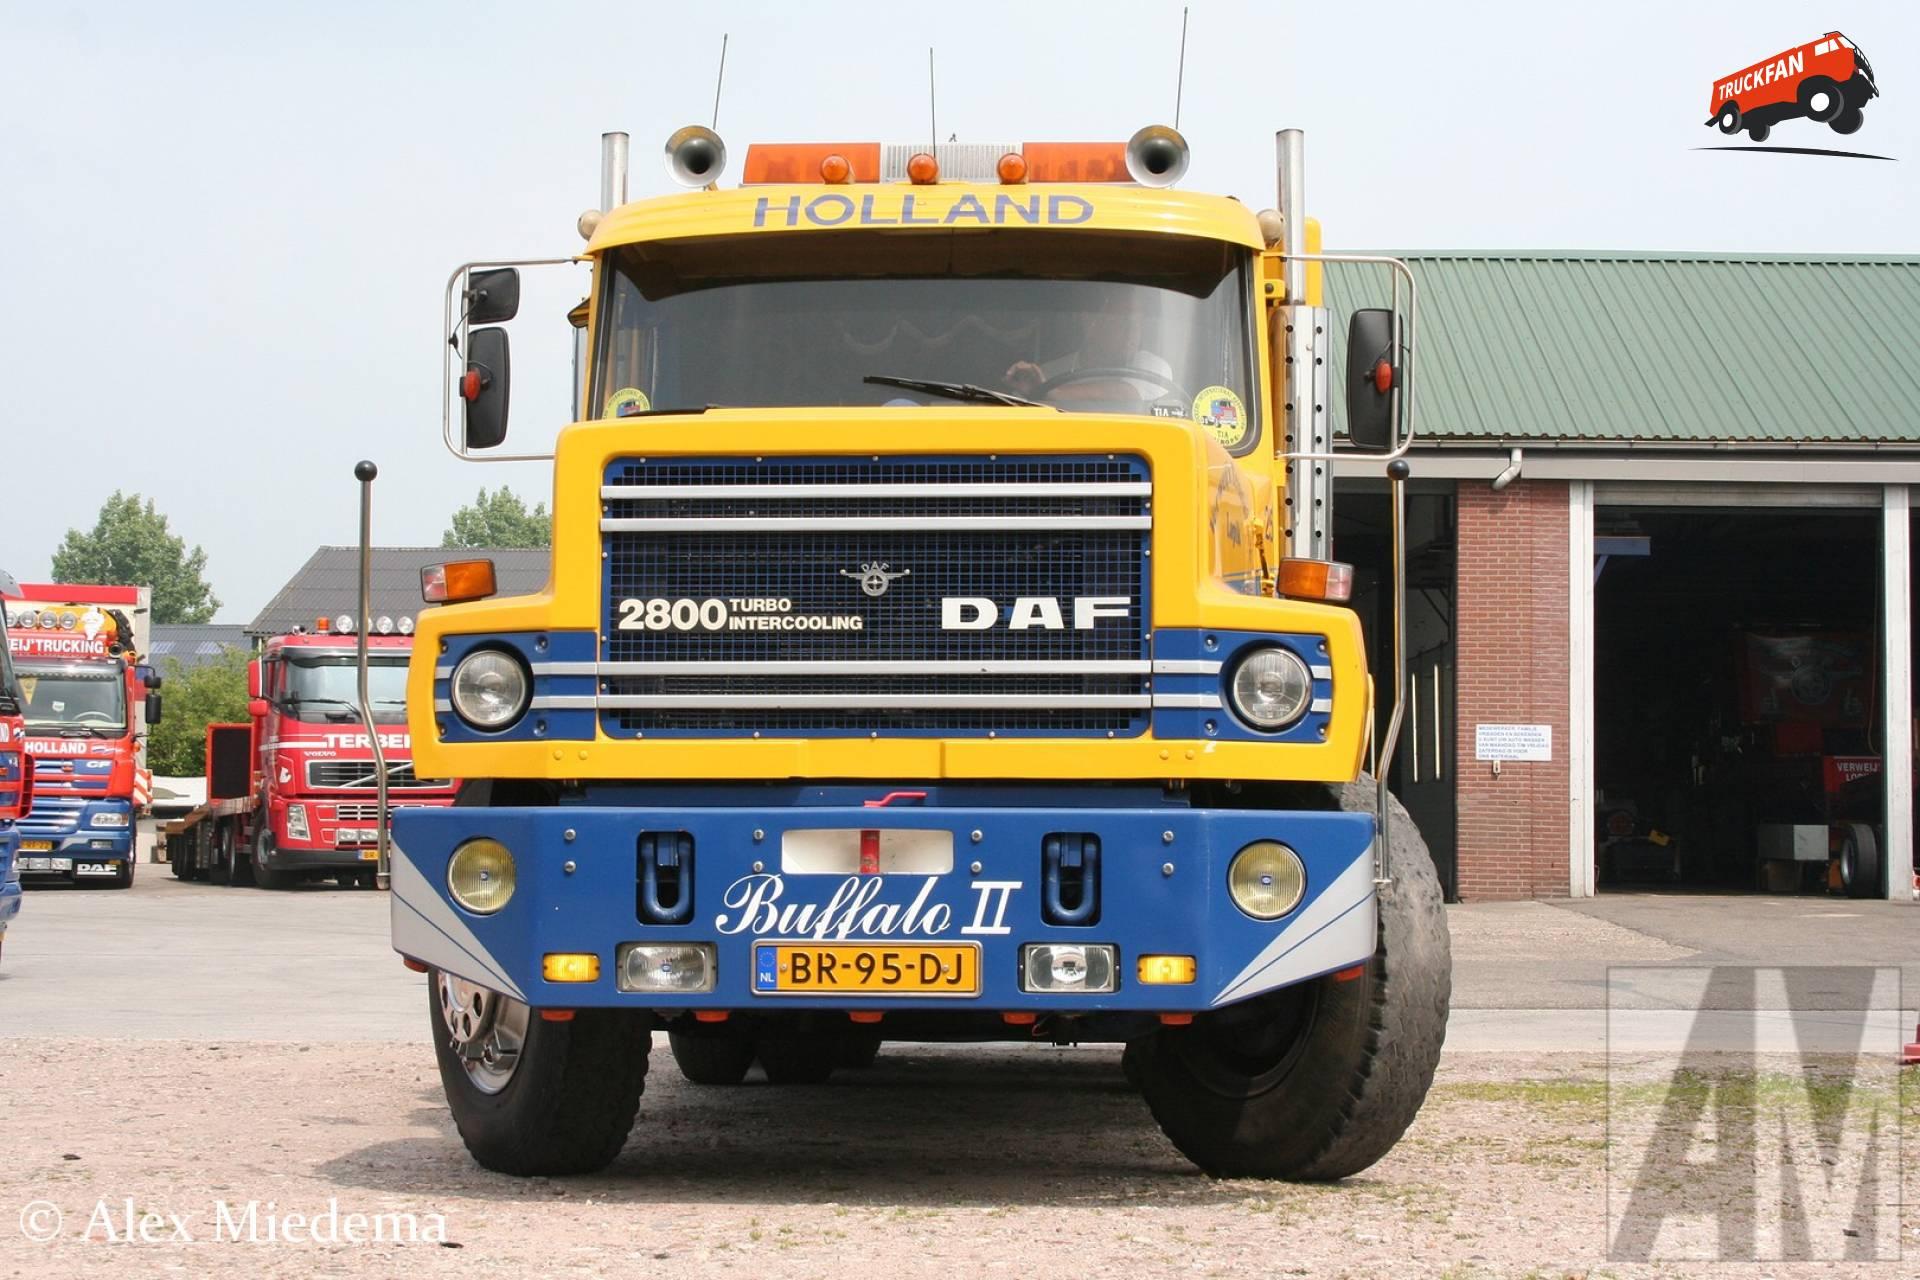 DAF N2800